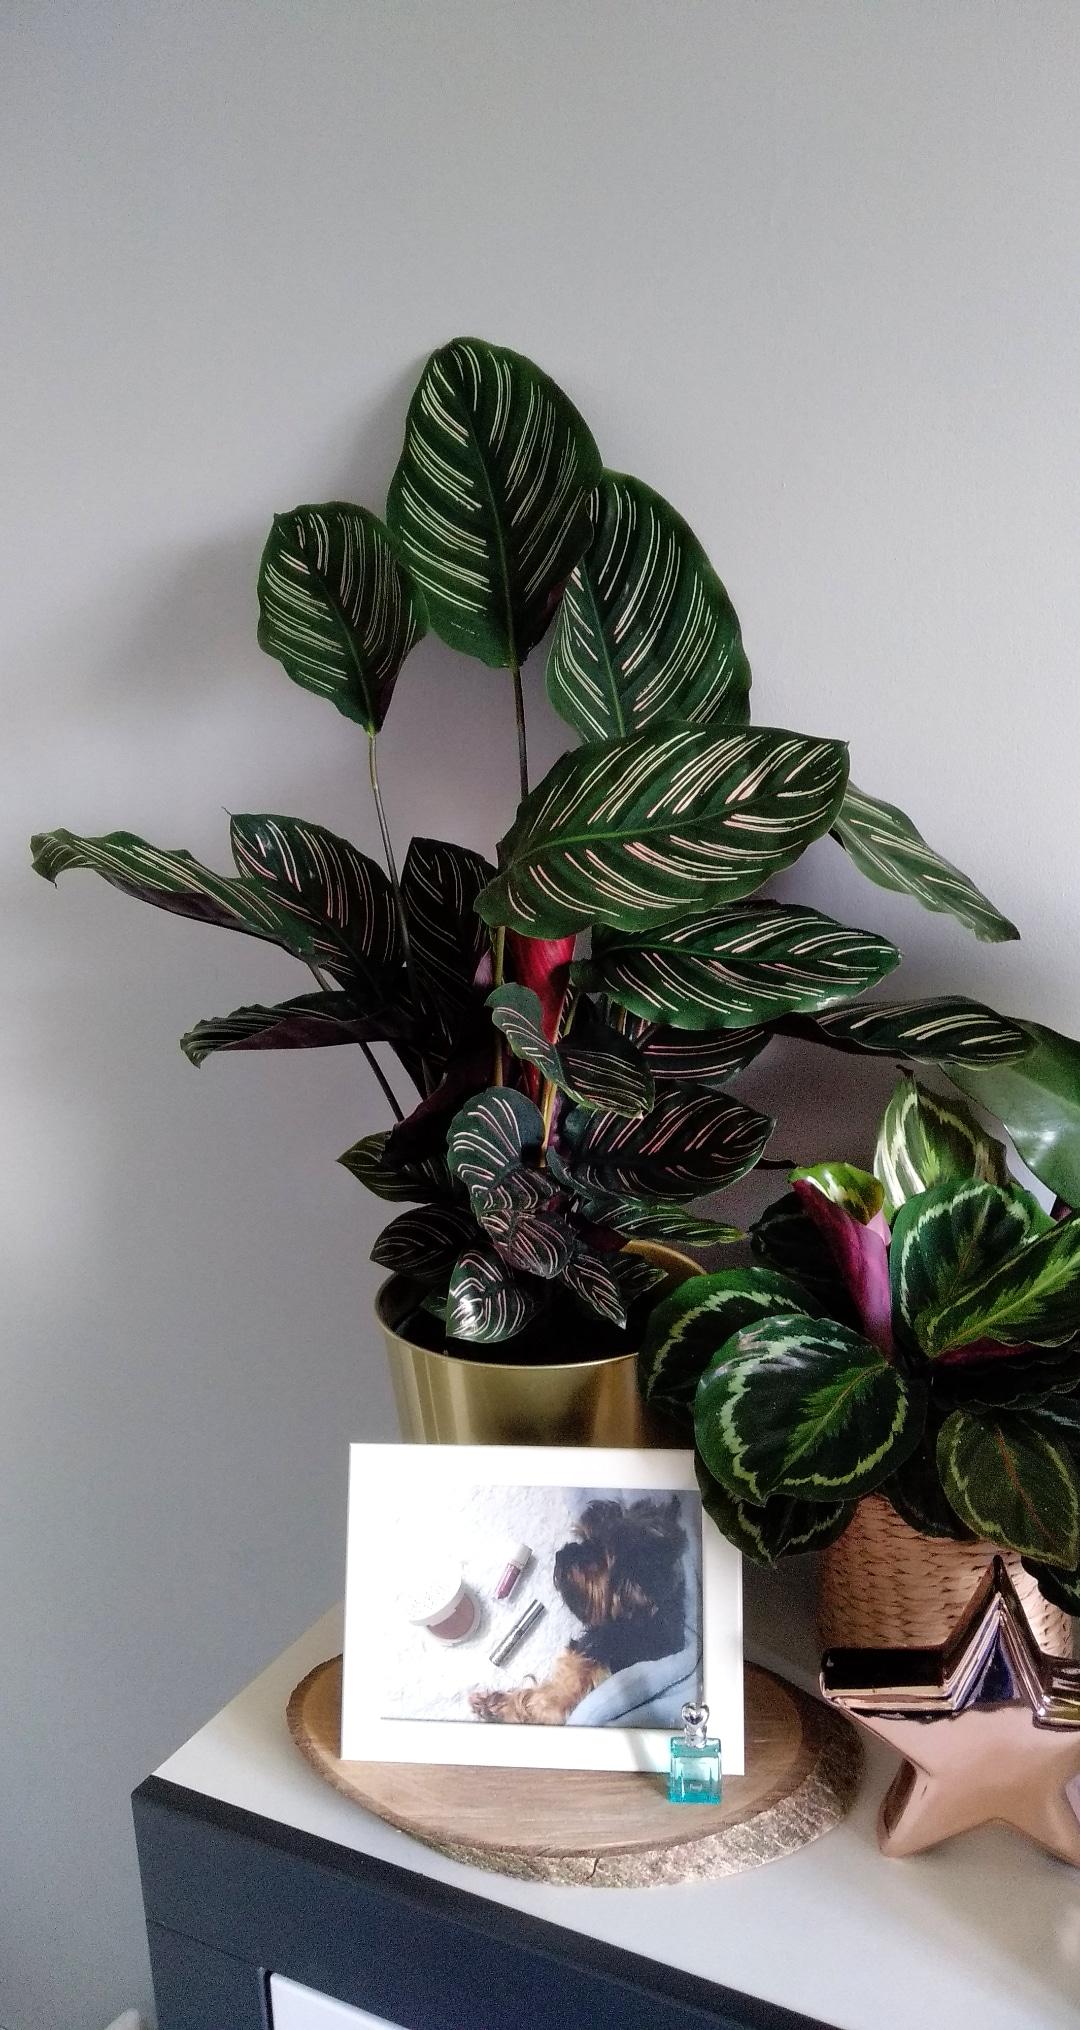 Moja roślinna pasja   Triki i porady dla początkujących   #urbanjungle #polishjungle